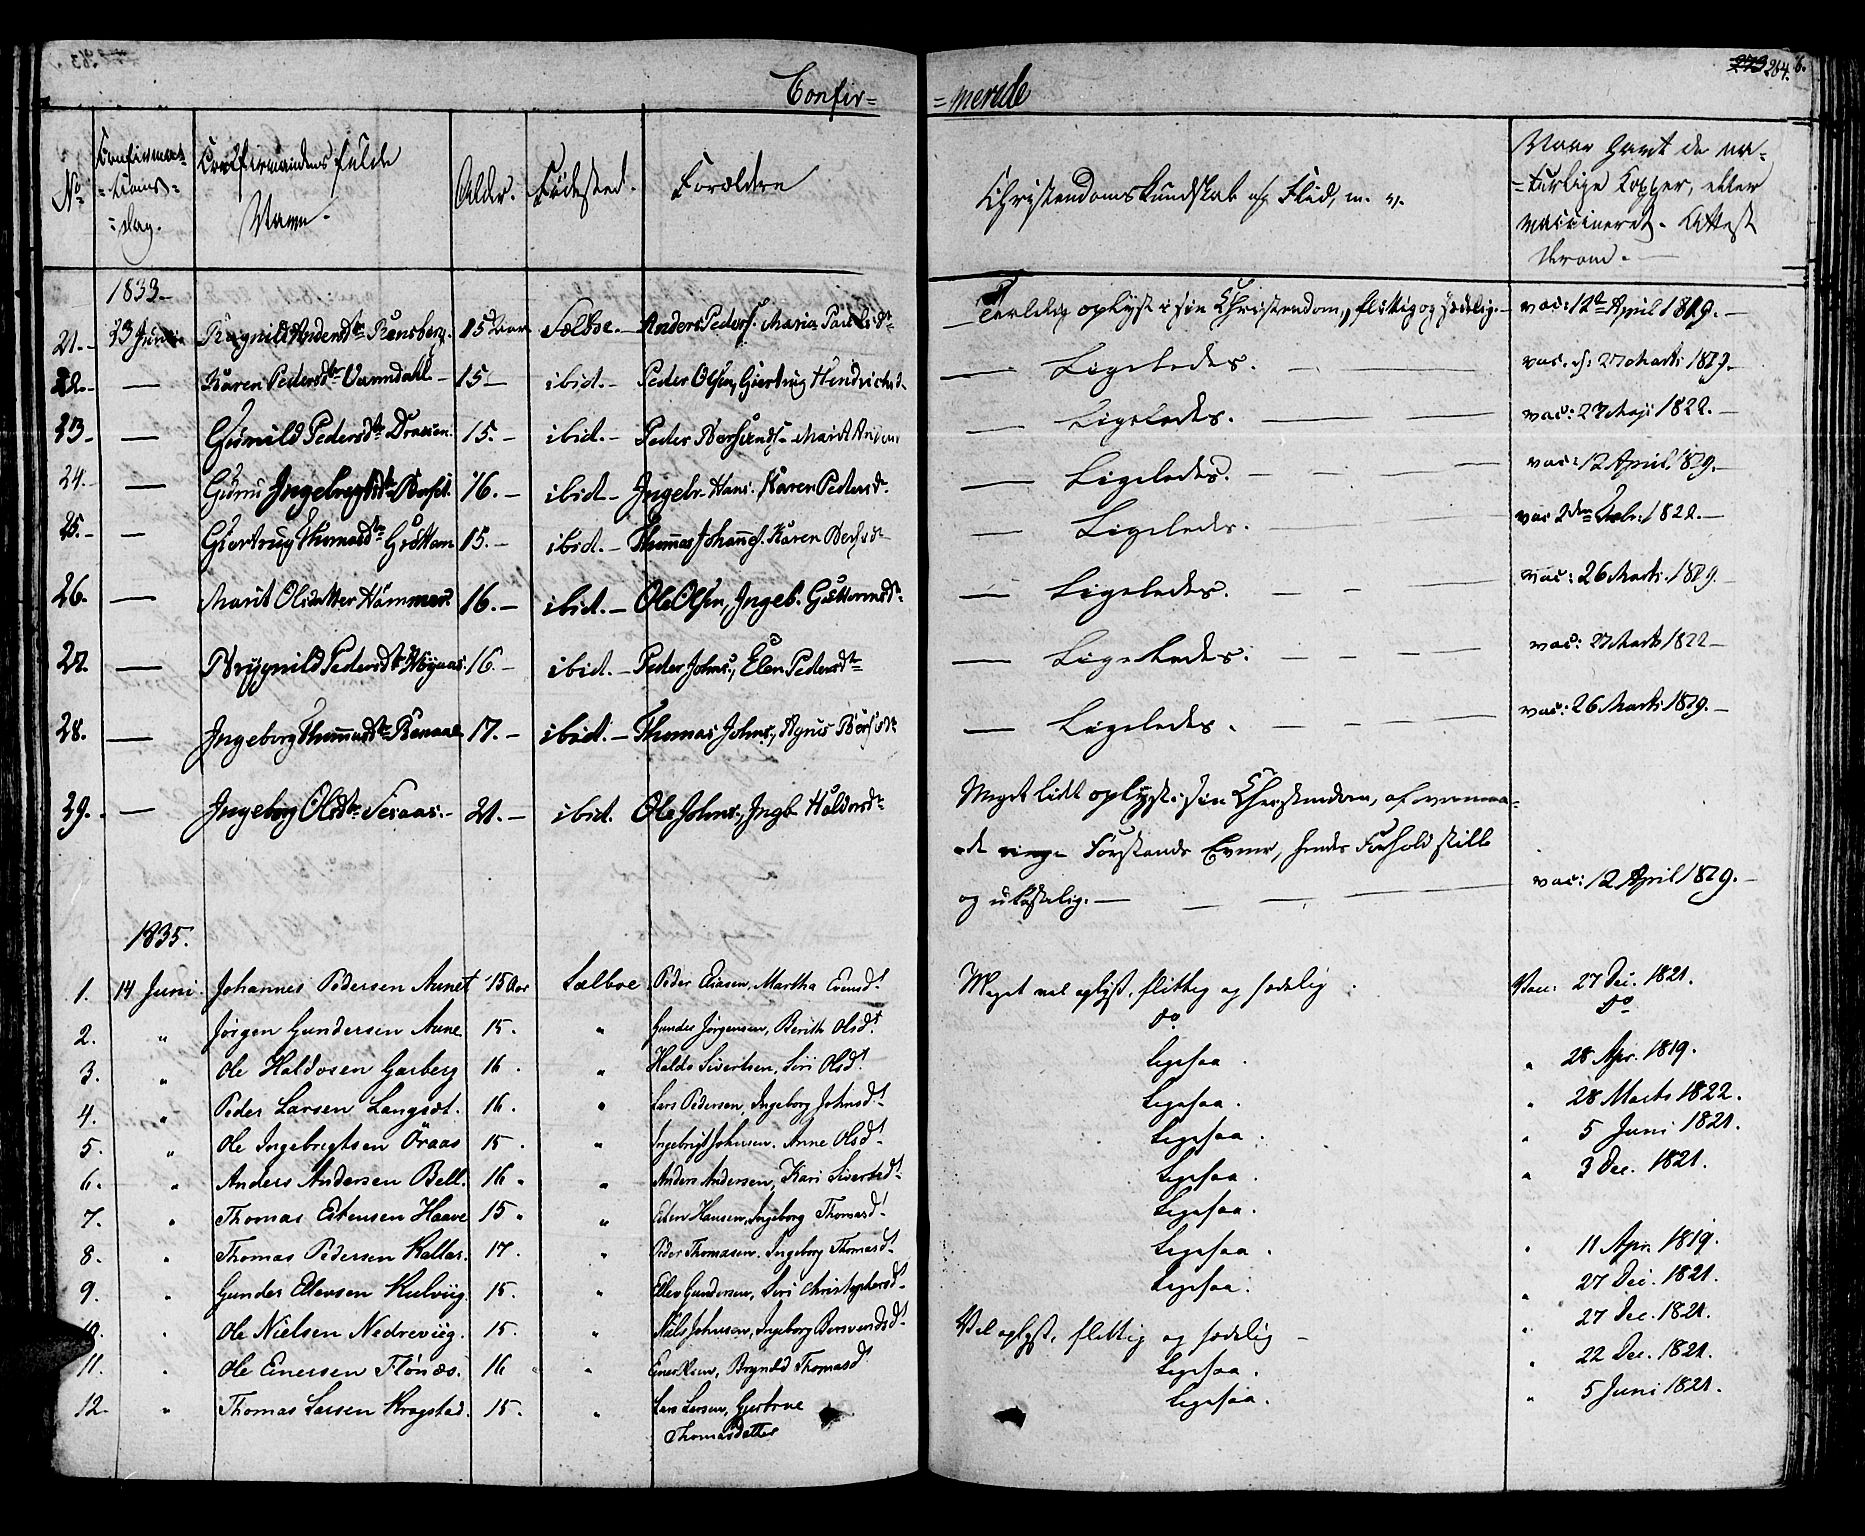 SAT, Ministerialprotokoller, klokkerbøker og fødselsregistre - Sør-Trøndelag, 695/L1143: Ministerialbok nr. 695A05 /1, 1824-1842, s. 264